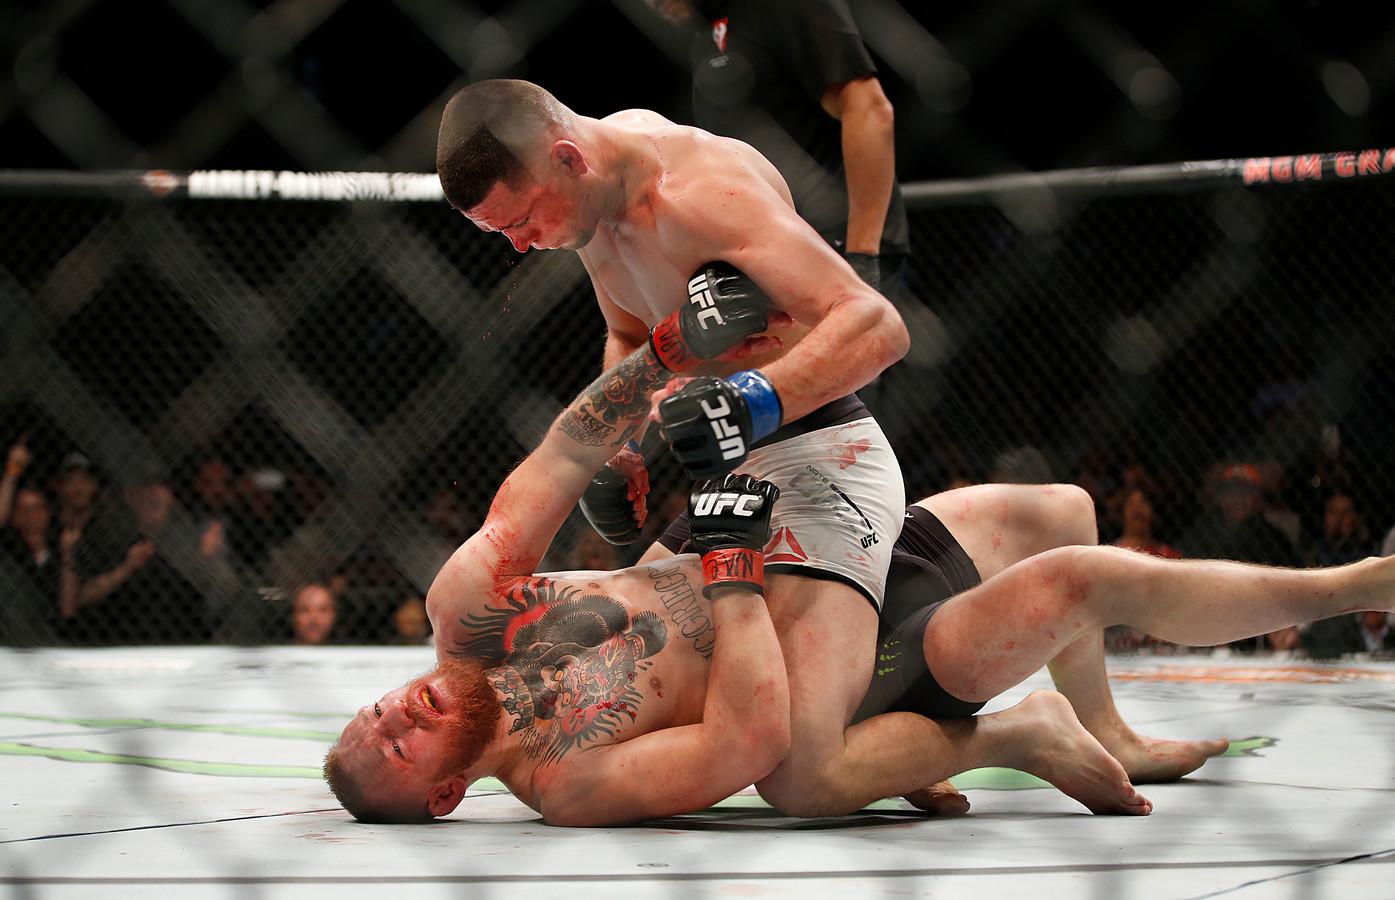 Nate Diaz, zittend,  in gevecht met Conor McGregor tijdens hun UFC 196 weltergewicht wedstrijd op zaterdag 5 maart 2016 in Las Vegas.